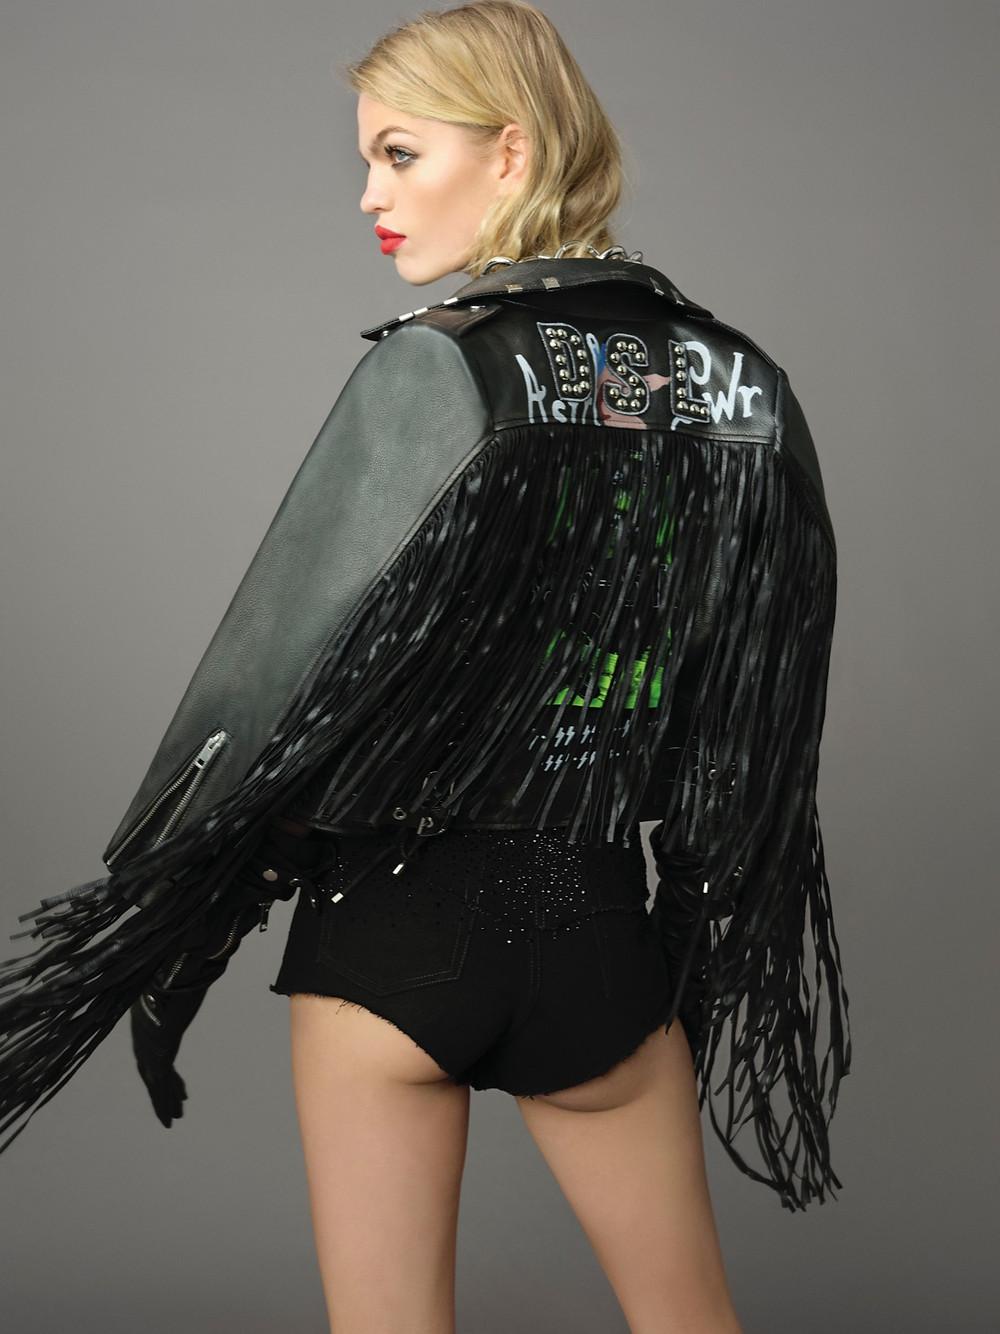 Denim shorts with Swarovski crystals (£750)